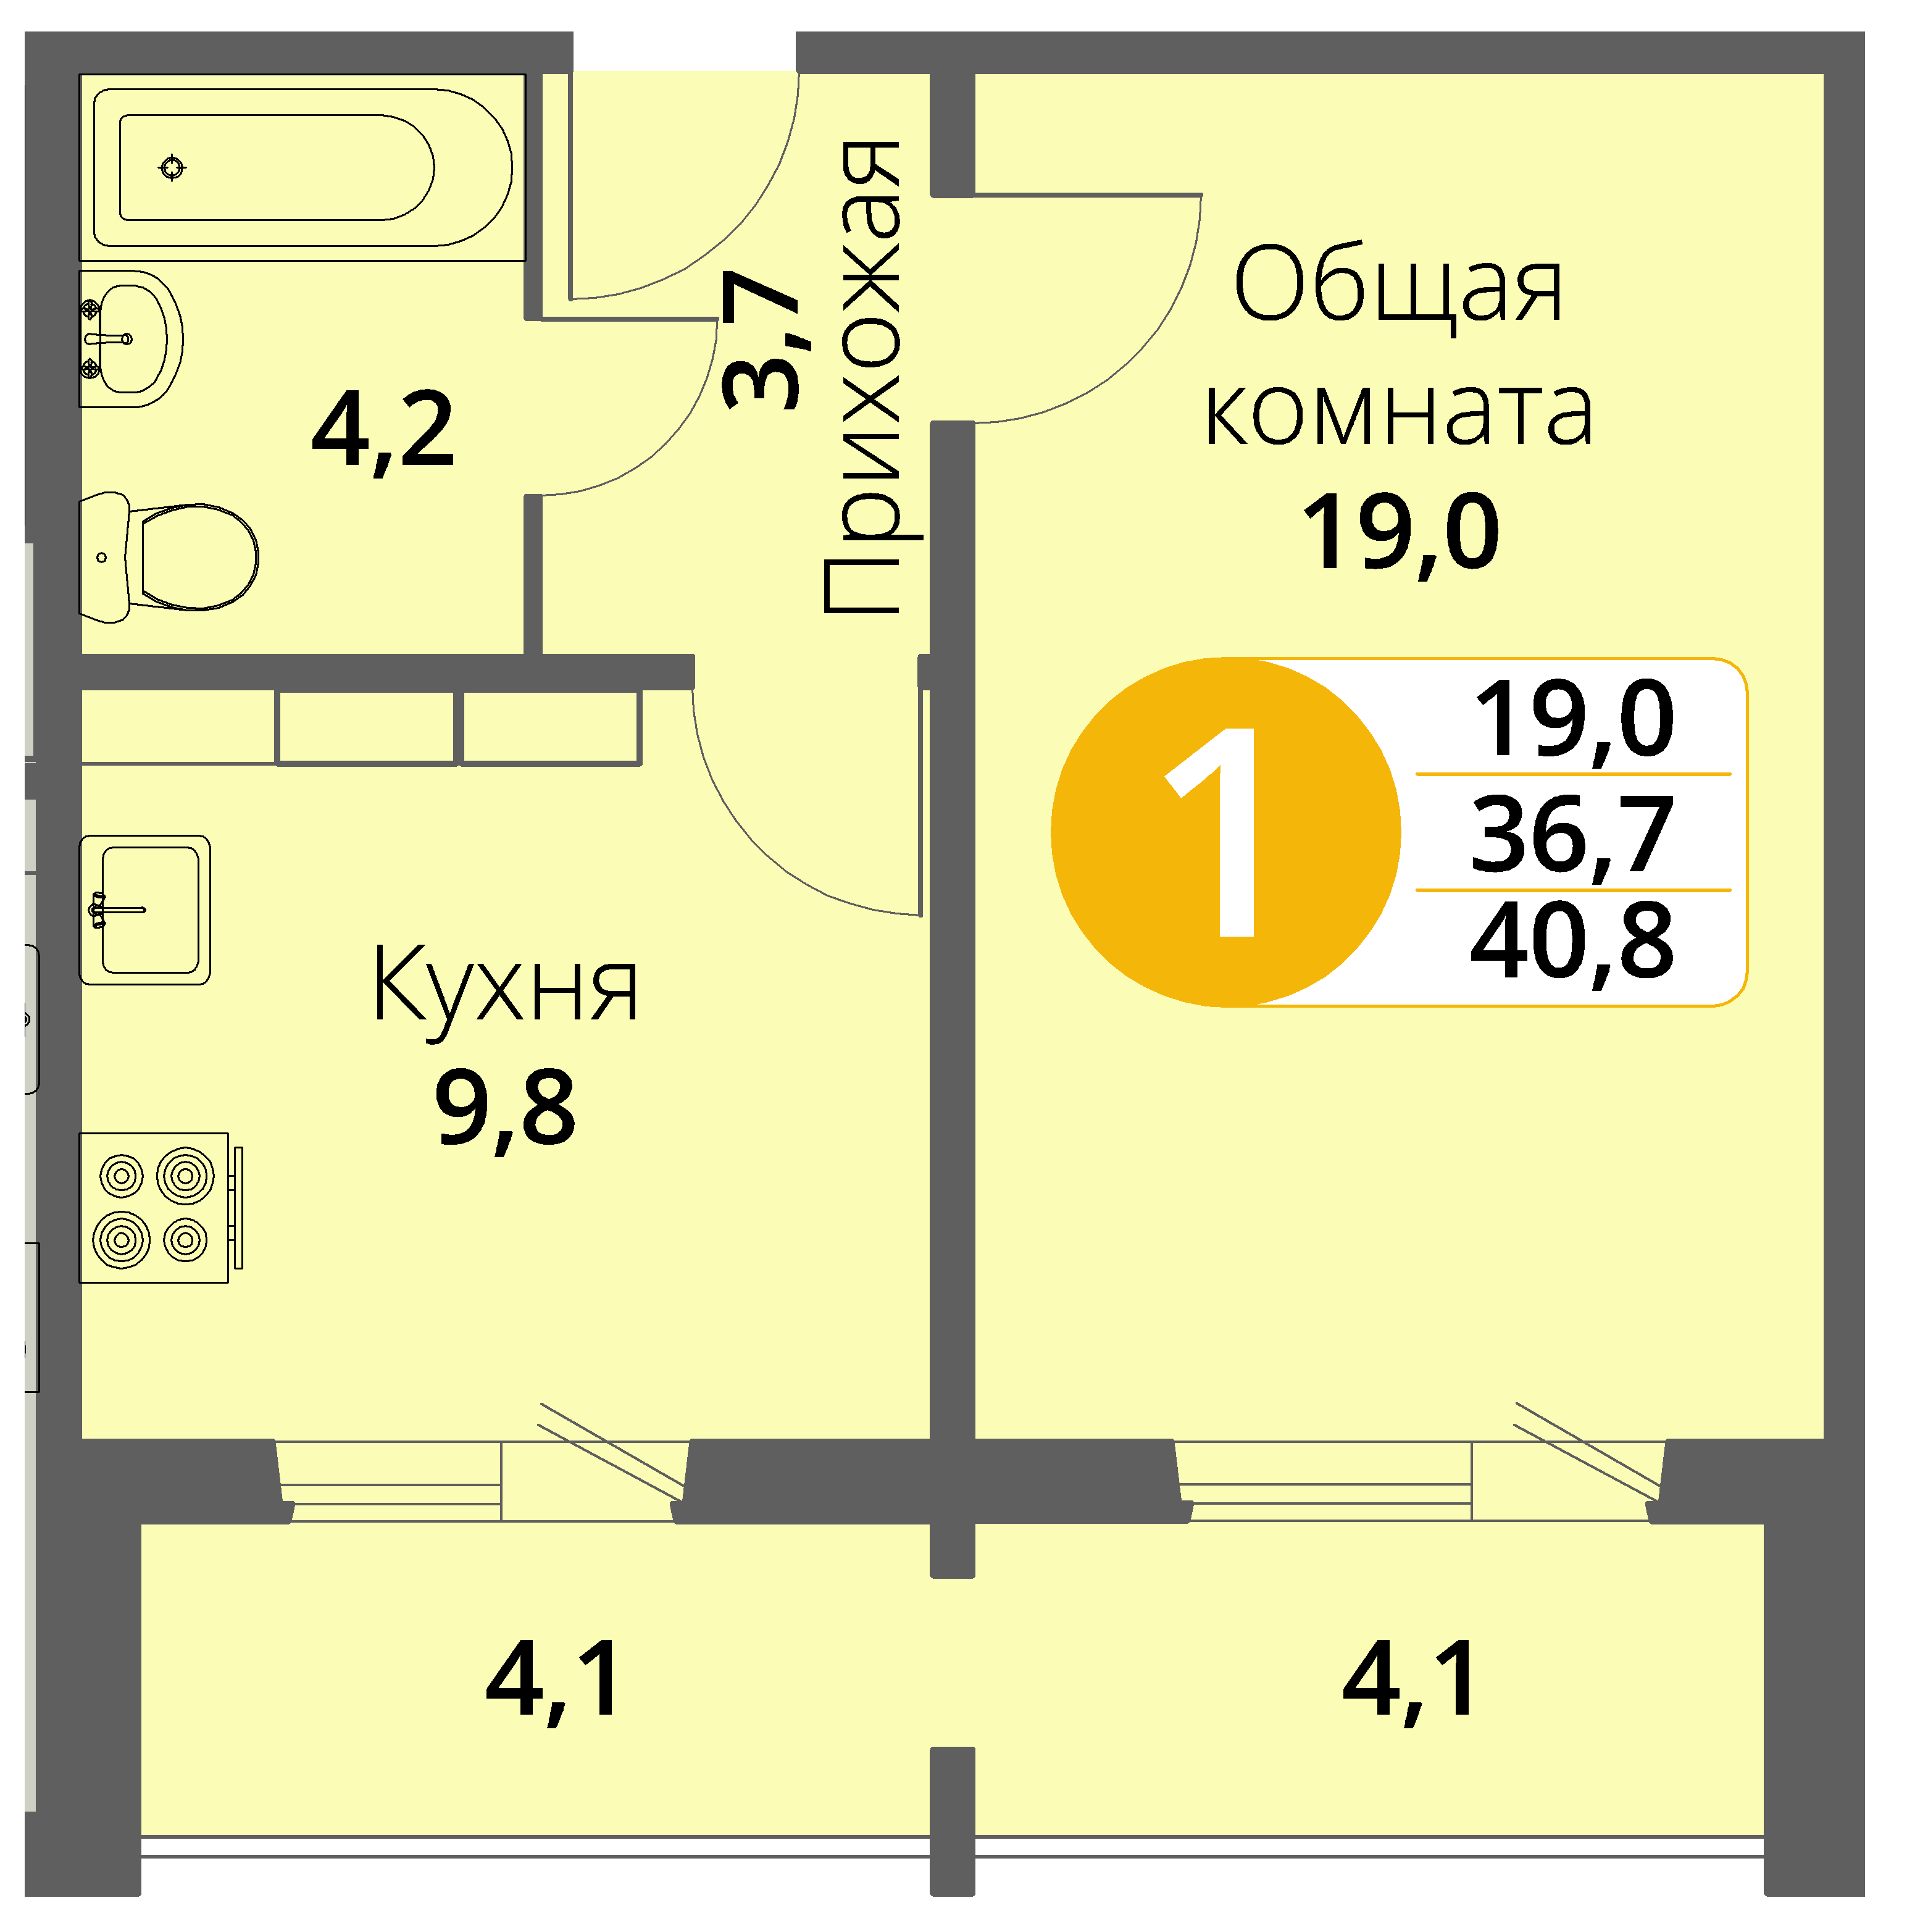 Зареченская 1-1, квартира 113 - Однокомнатная